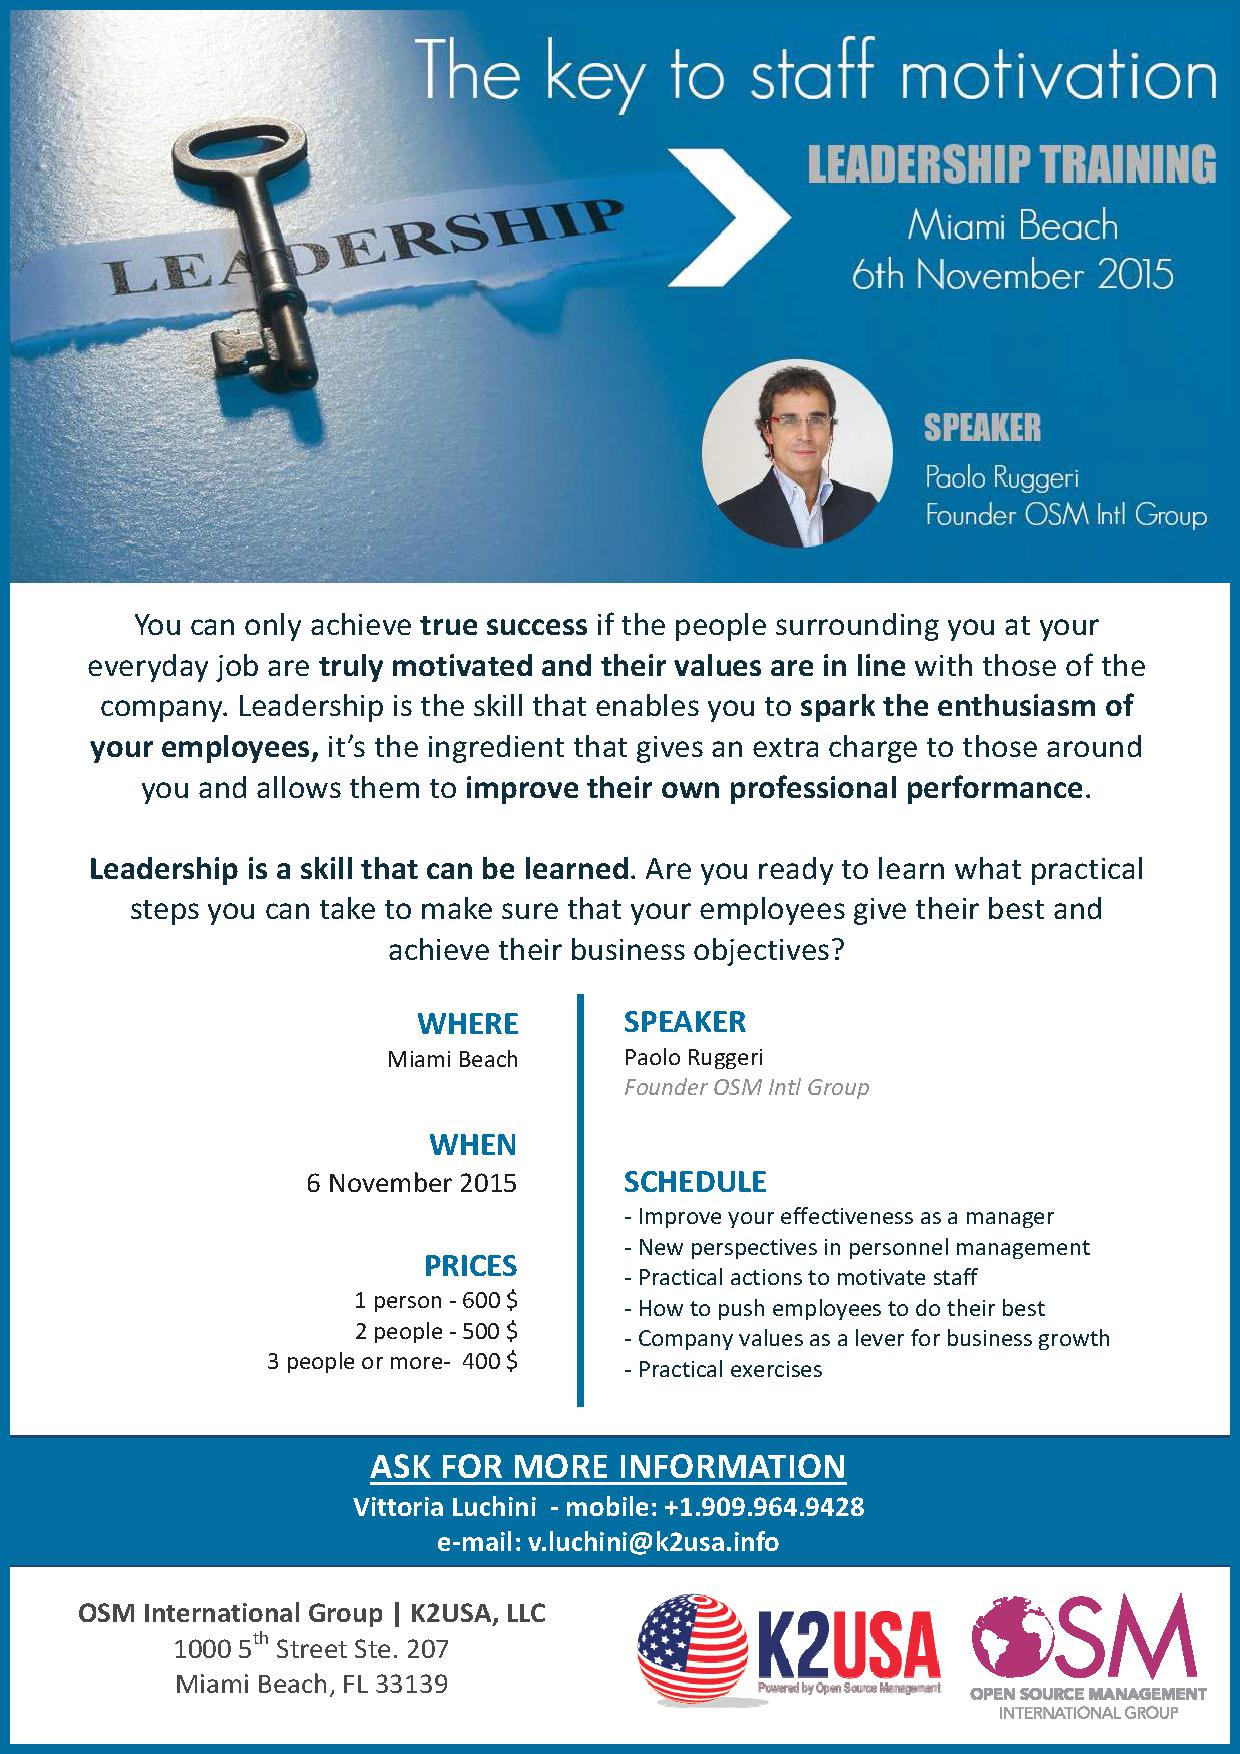 Leadership Training On Nov 6th By K2usa Llc Iacc Miami